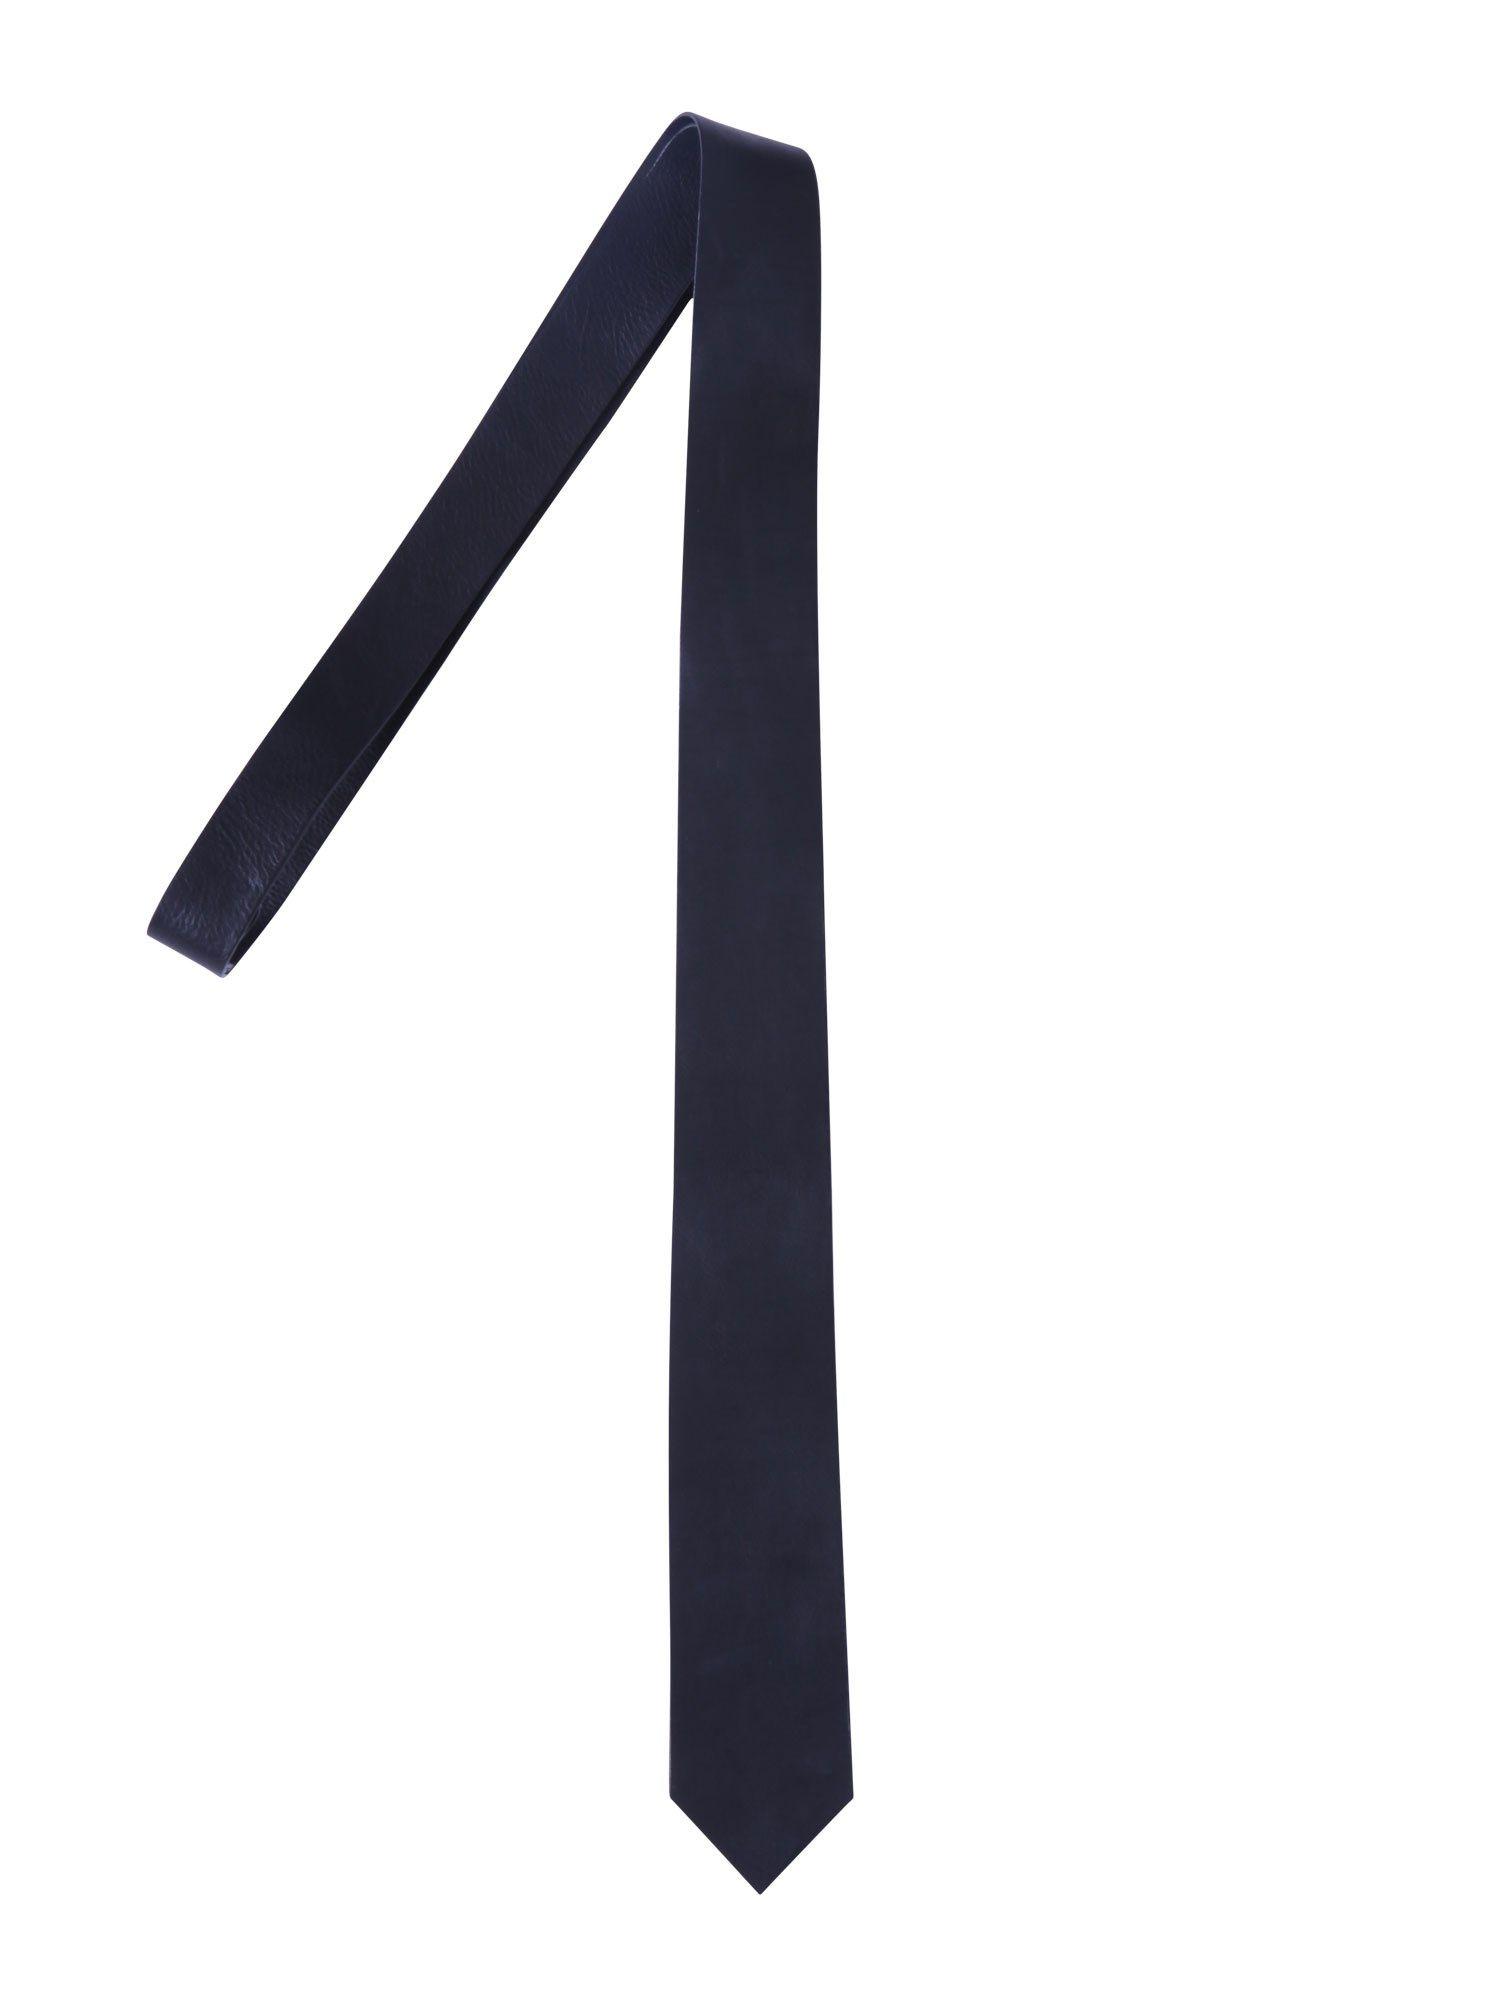 Leather Tie